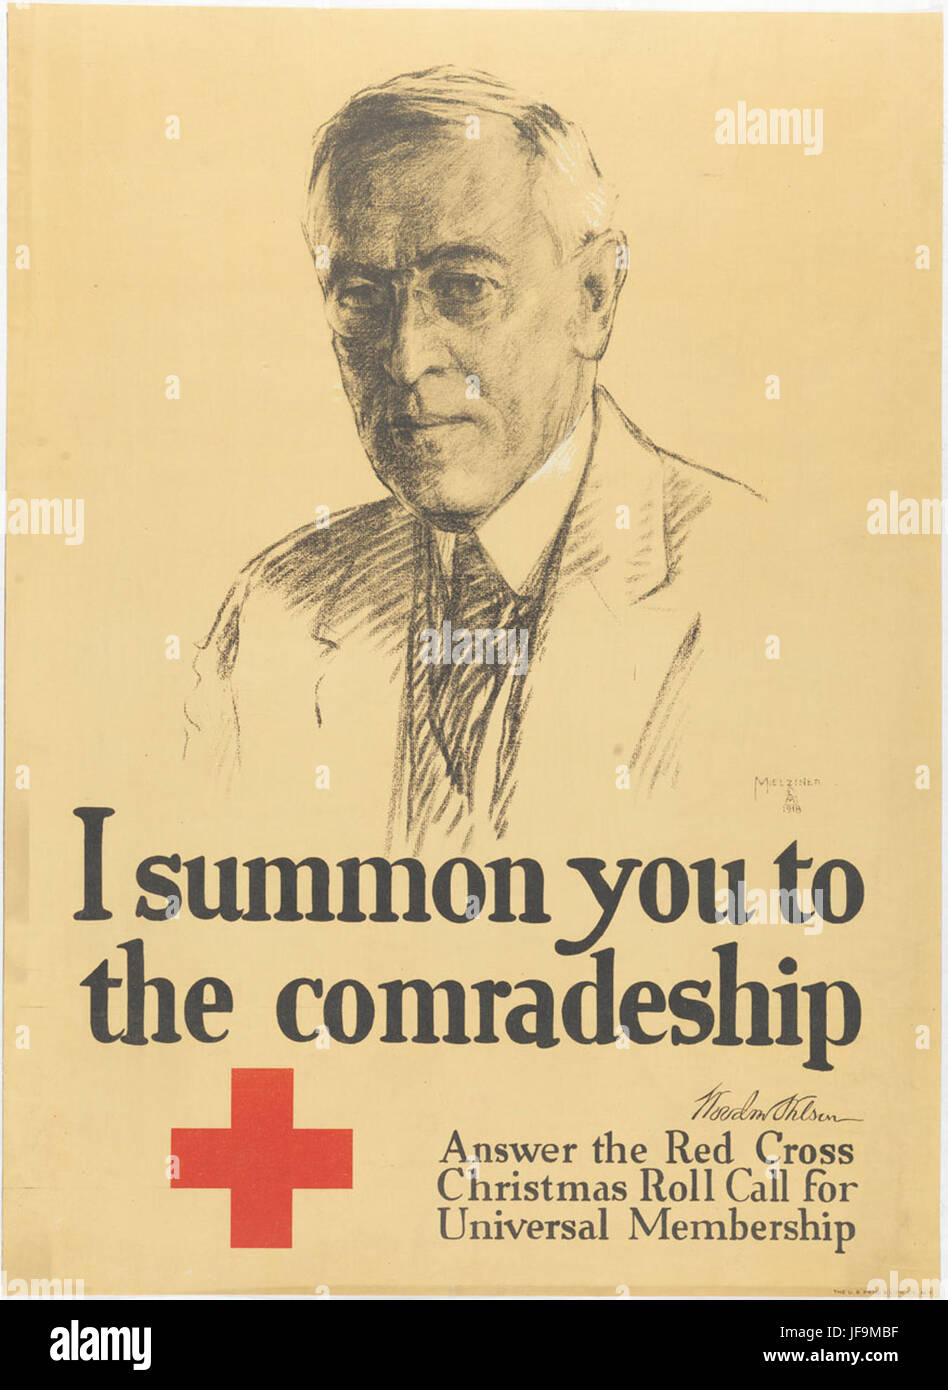 I Summon You to the Comradeship 34681627666 o - Stock Image